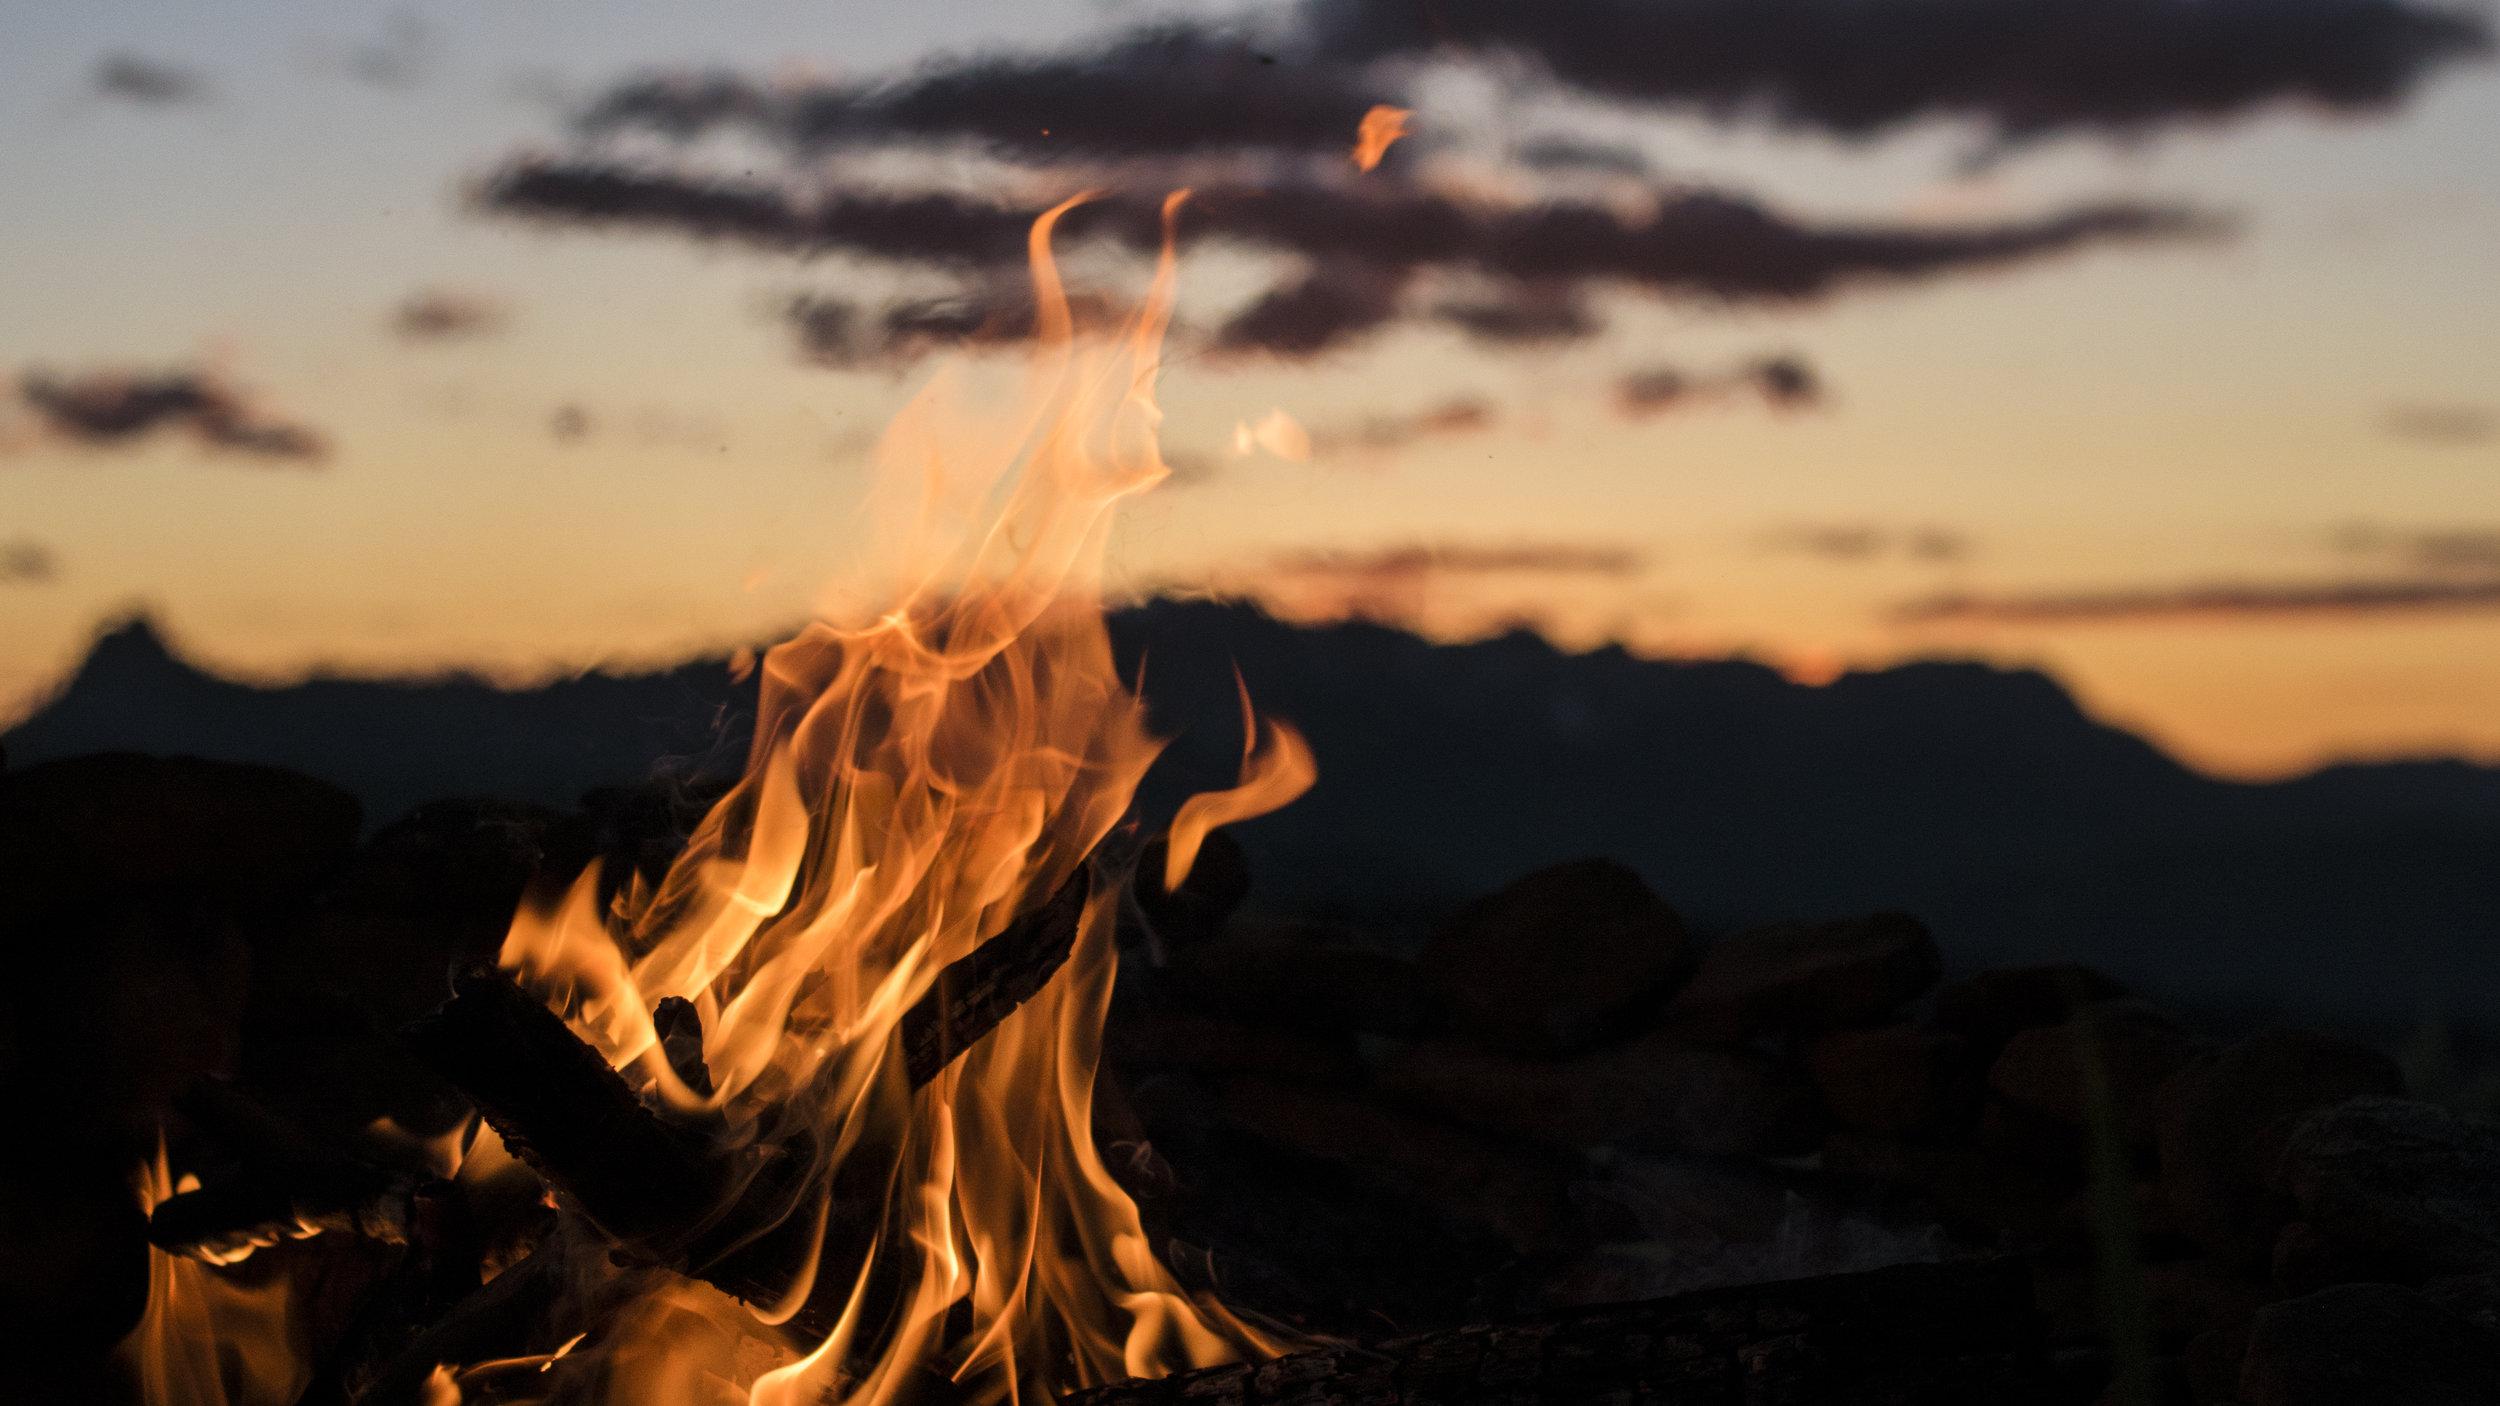 Tending the Inner Fire (Agni) - FEUER - Das Feuerelement ist die Kraft der Transformation und Erneuerung. Es unterstützt die Verbindung mit unserer innewohnenden Kraft und Motivation fürs Leben.Diese Immersion beinhaltet eine solare (aktive) Prana Vinyasa Sequenz. Wir lernen Agni Namaskar (Feuer Namaskar) und das auf die Sequenz abgestimmte Wellen-Sequencing, Pulsierung, Rythmische- und Body Vinyasas sowie hands-on.Die Immersion beinhaltet eine Mischung aus Praxis und Theorie sowie Bewegungsmeditationen, Mantra und Mudra Vinyasas zum verkörpern der transformierenden Kraft des Feuers.Peak Asanas / Asana Fokus: Armbalance, Core Cultivation, Twists